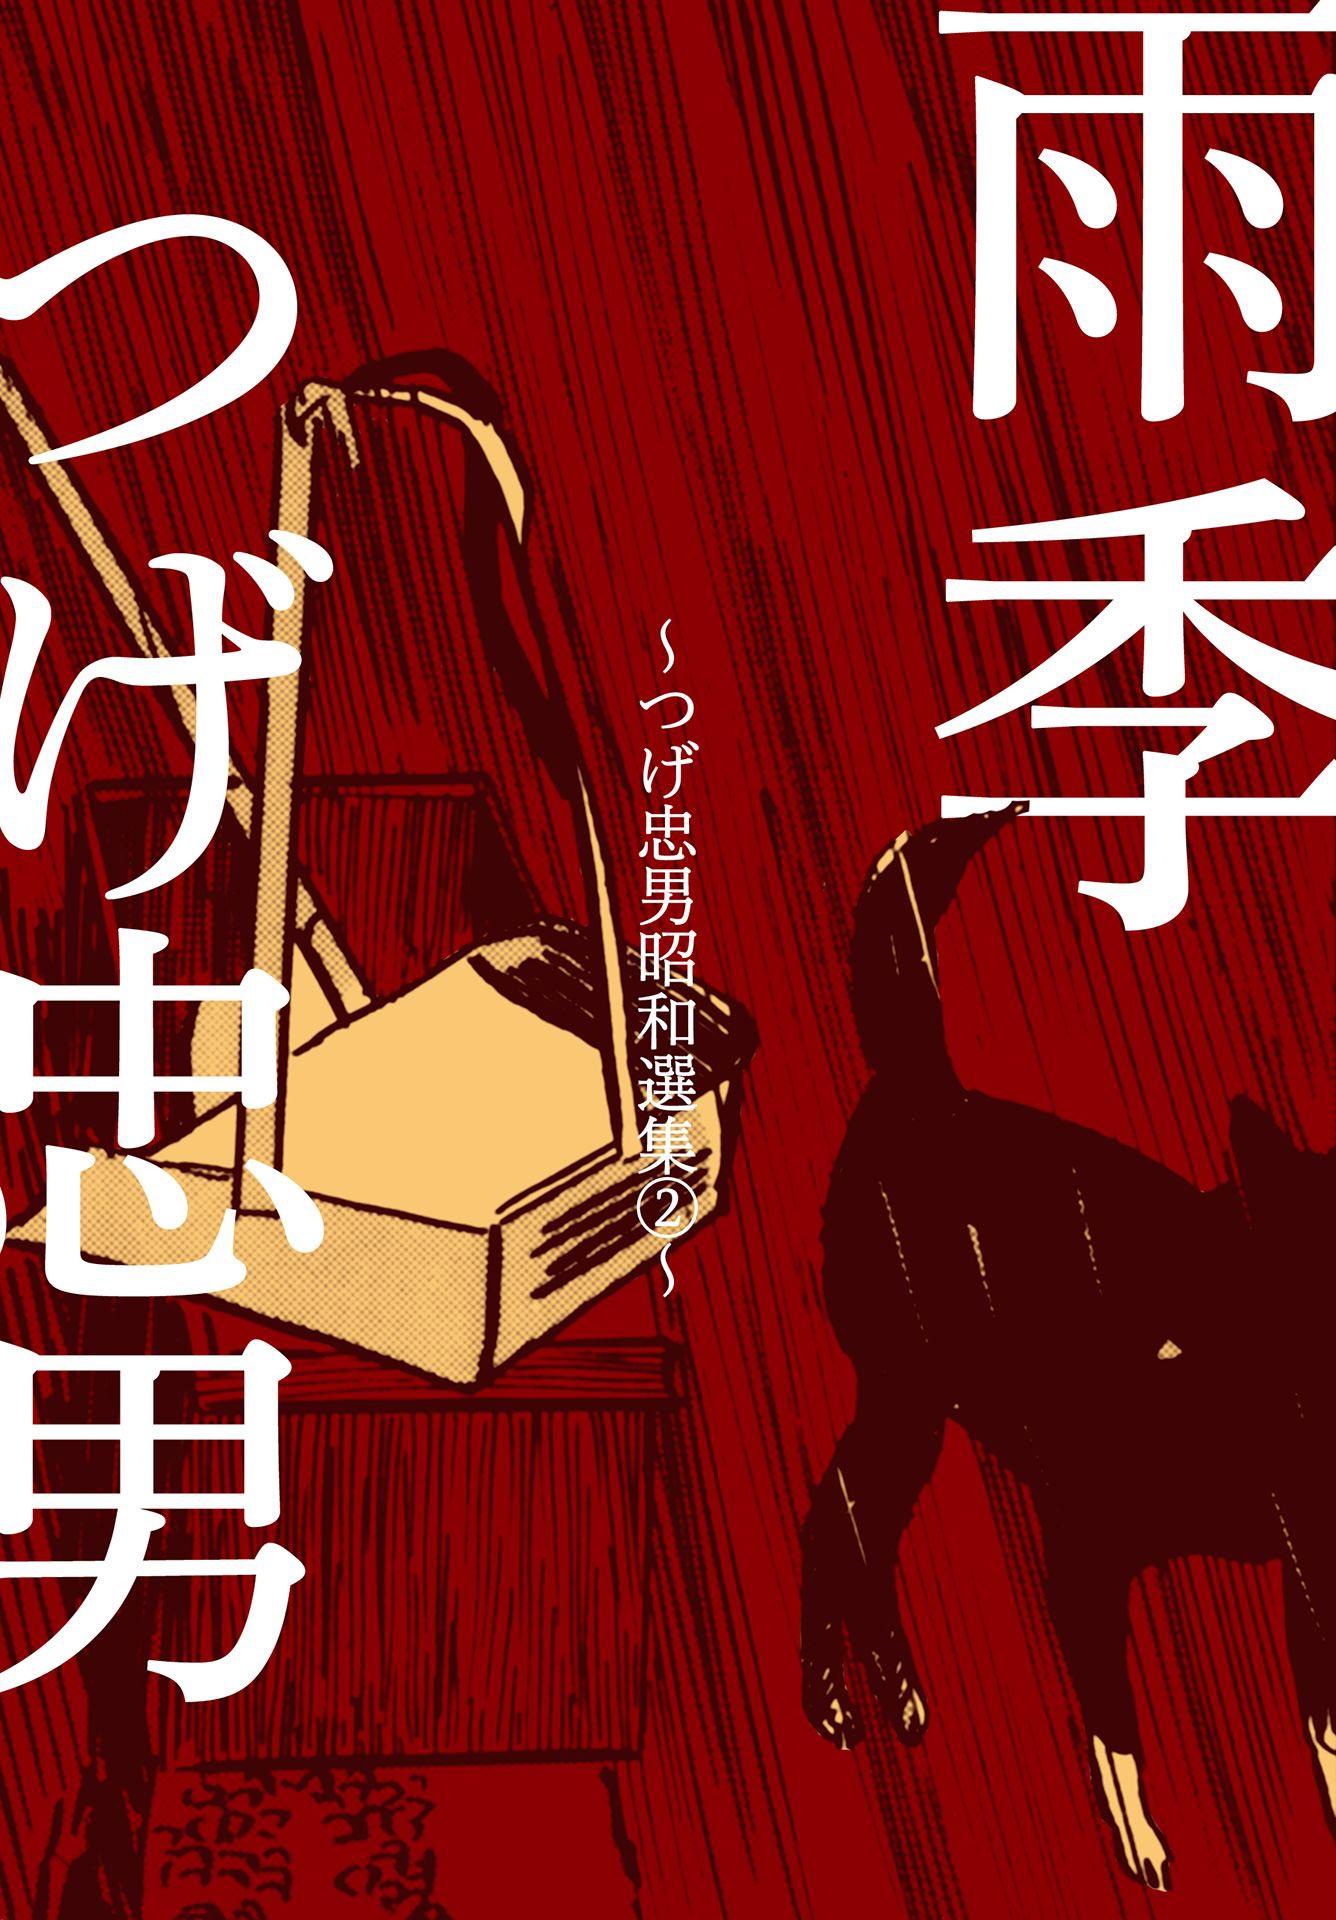 つげ忠男昭和選集(第2巻)